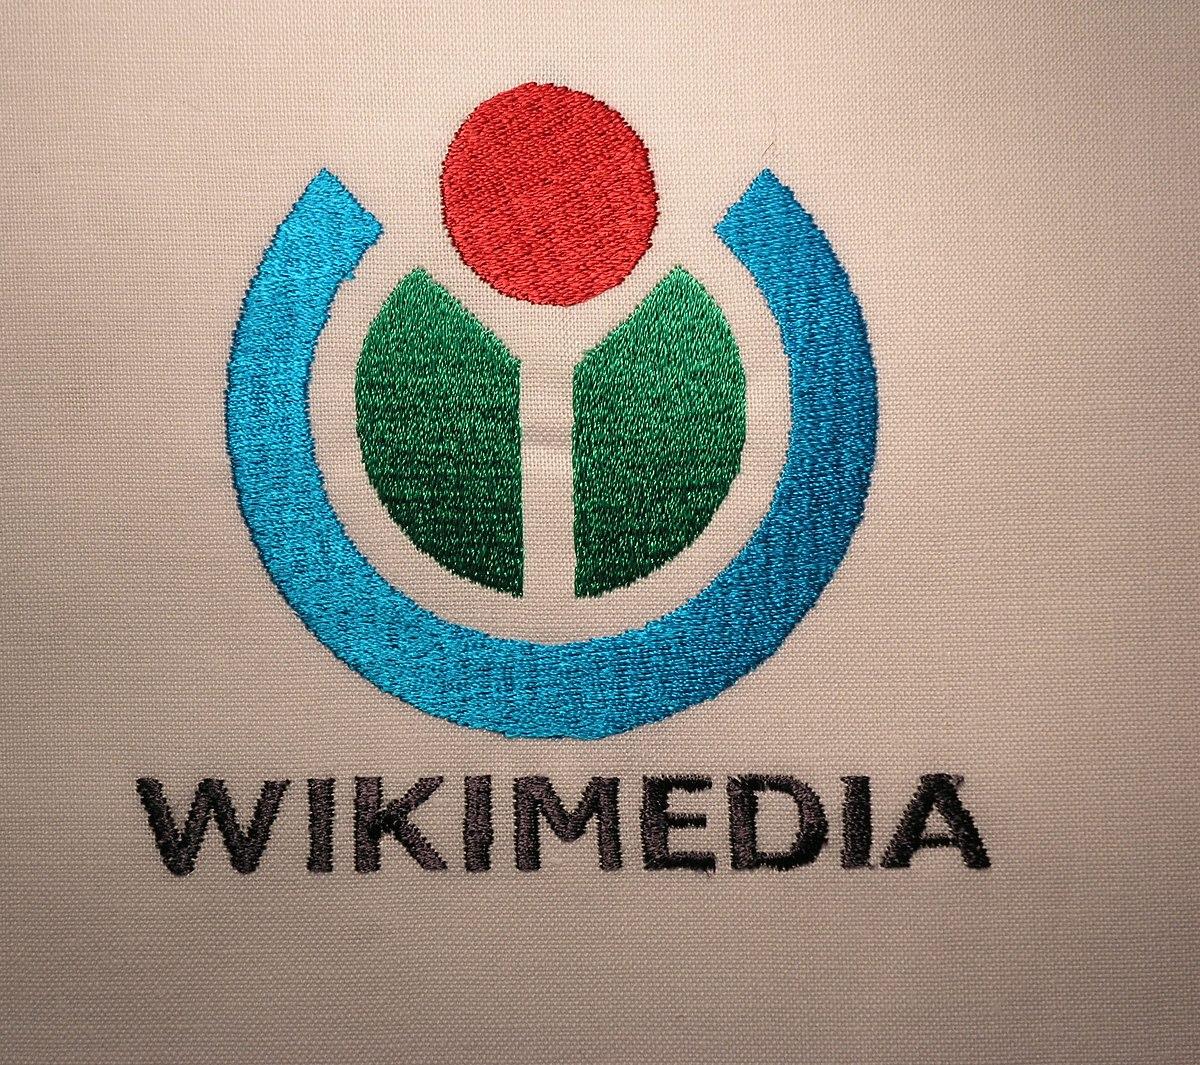 wikimedia foundation wikipedia